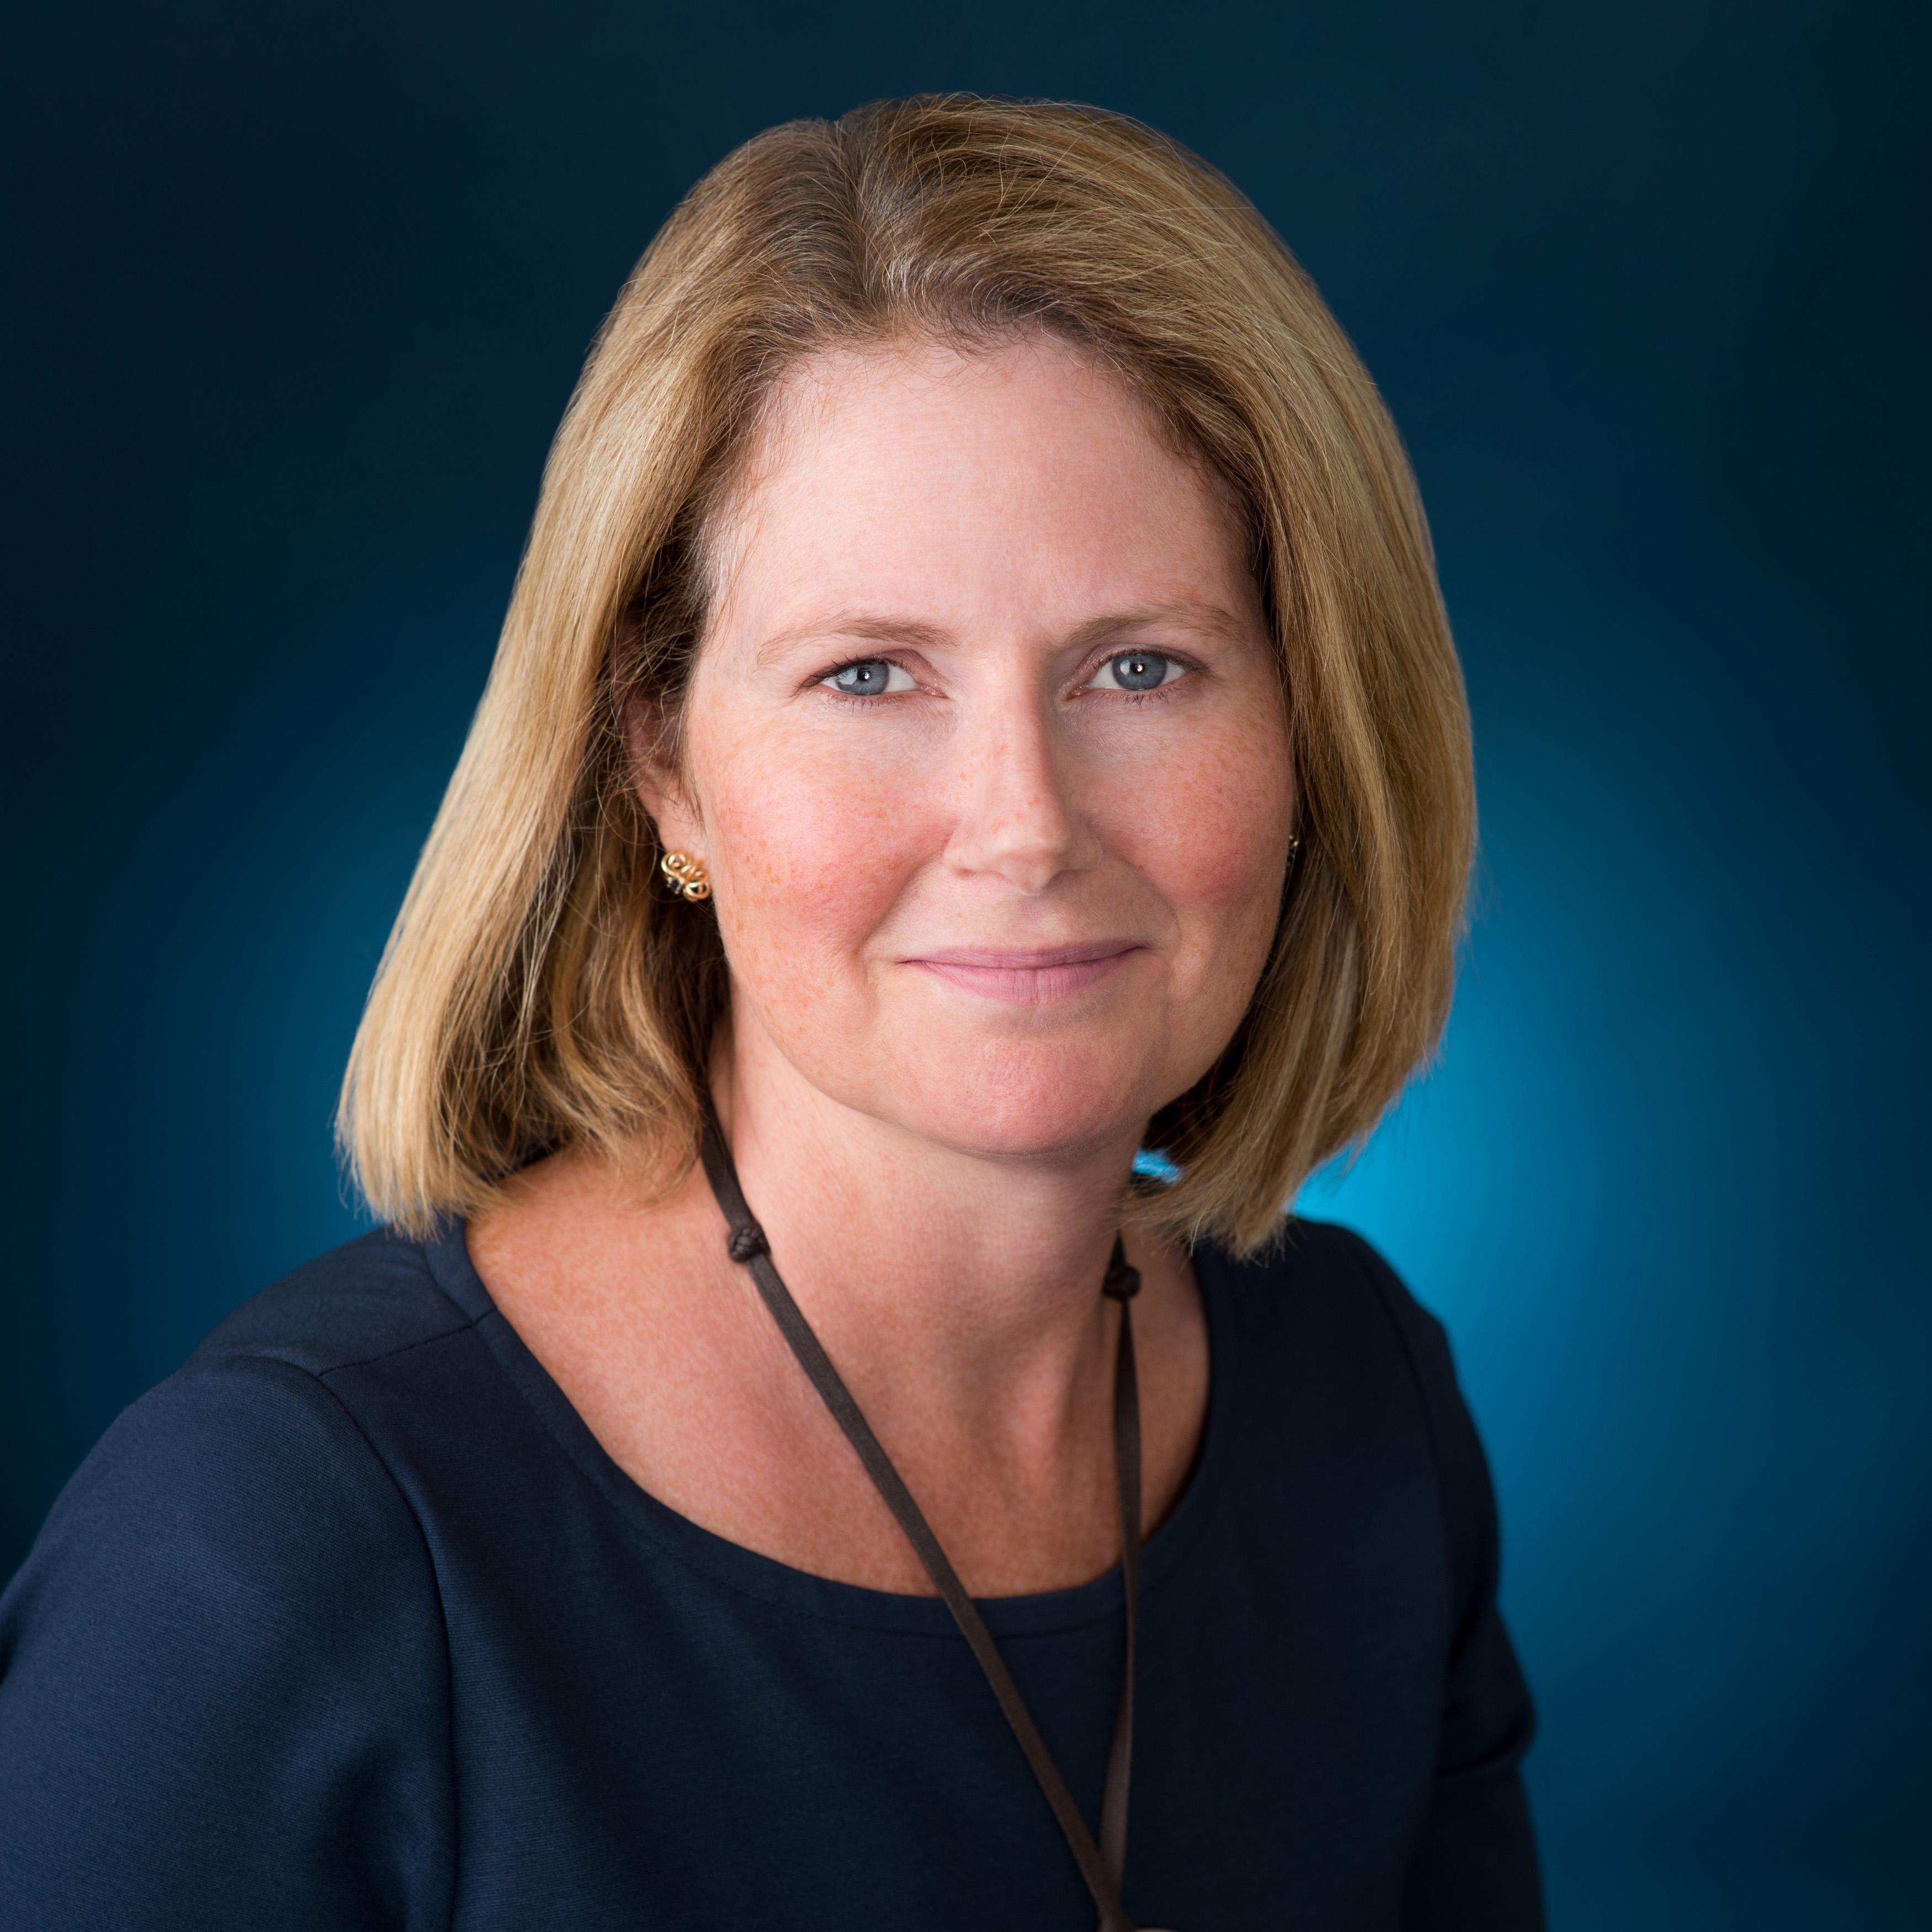 Margaret M. Crowley